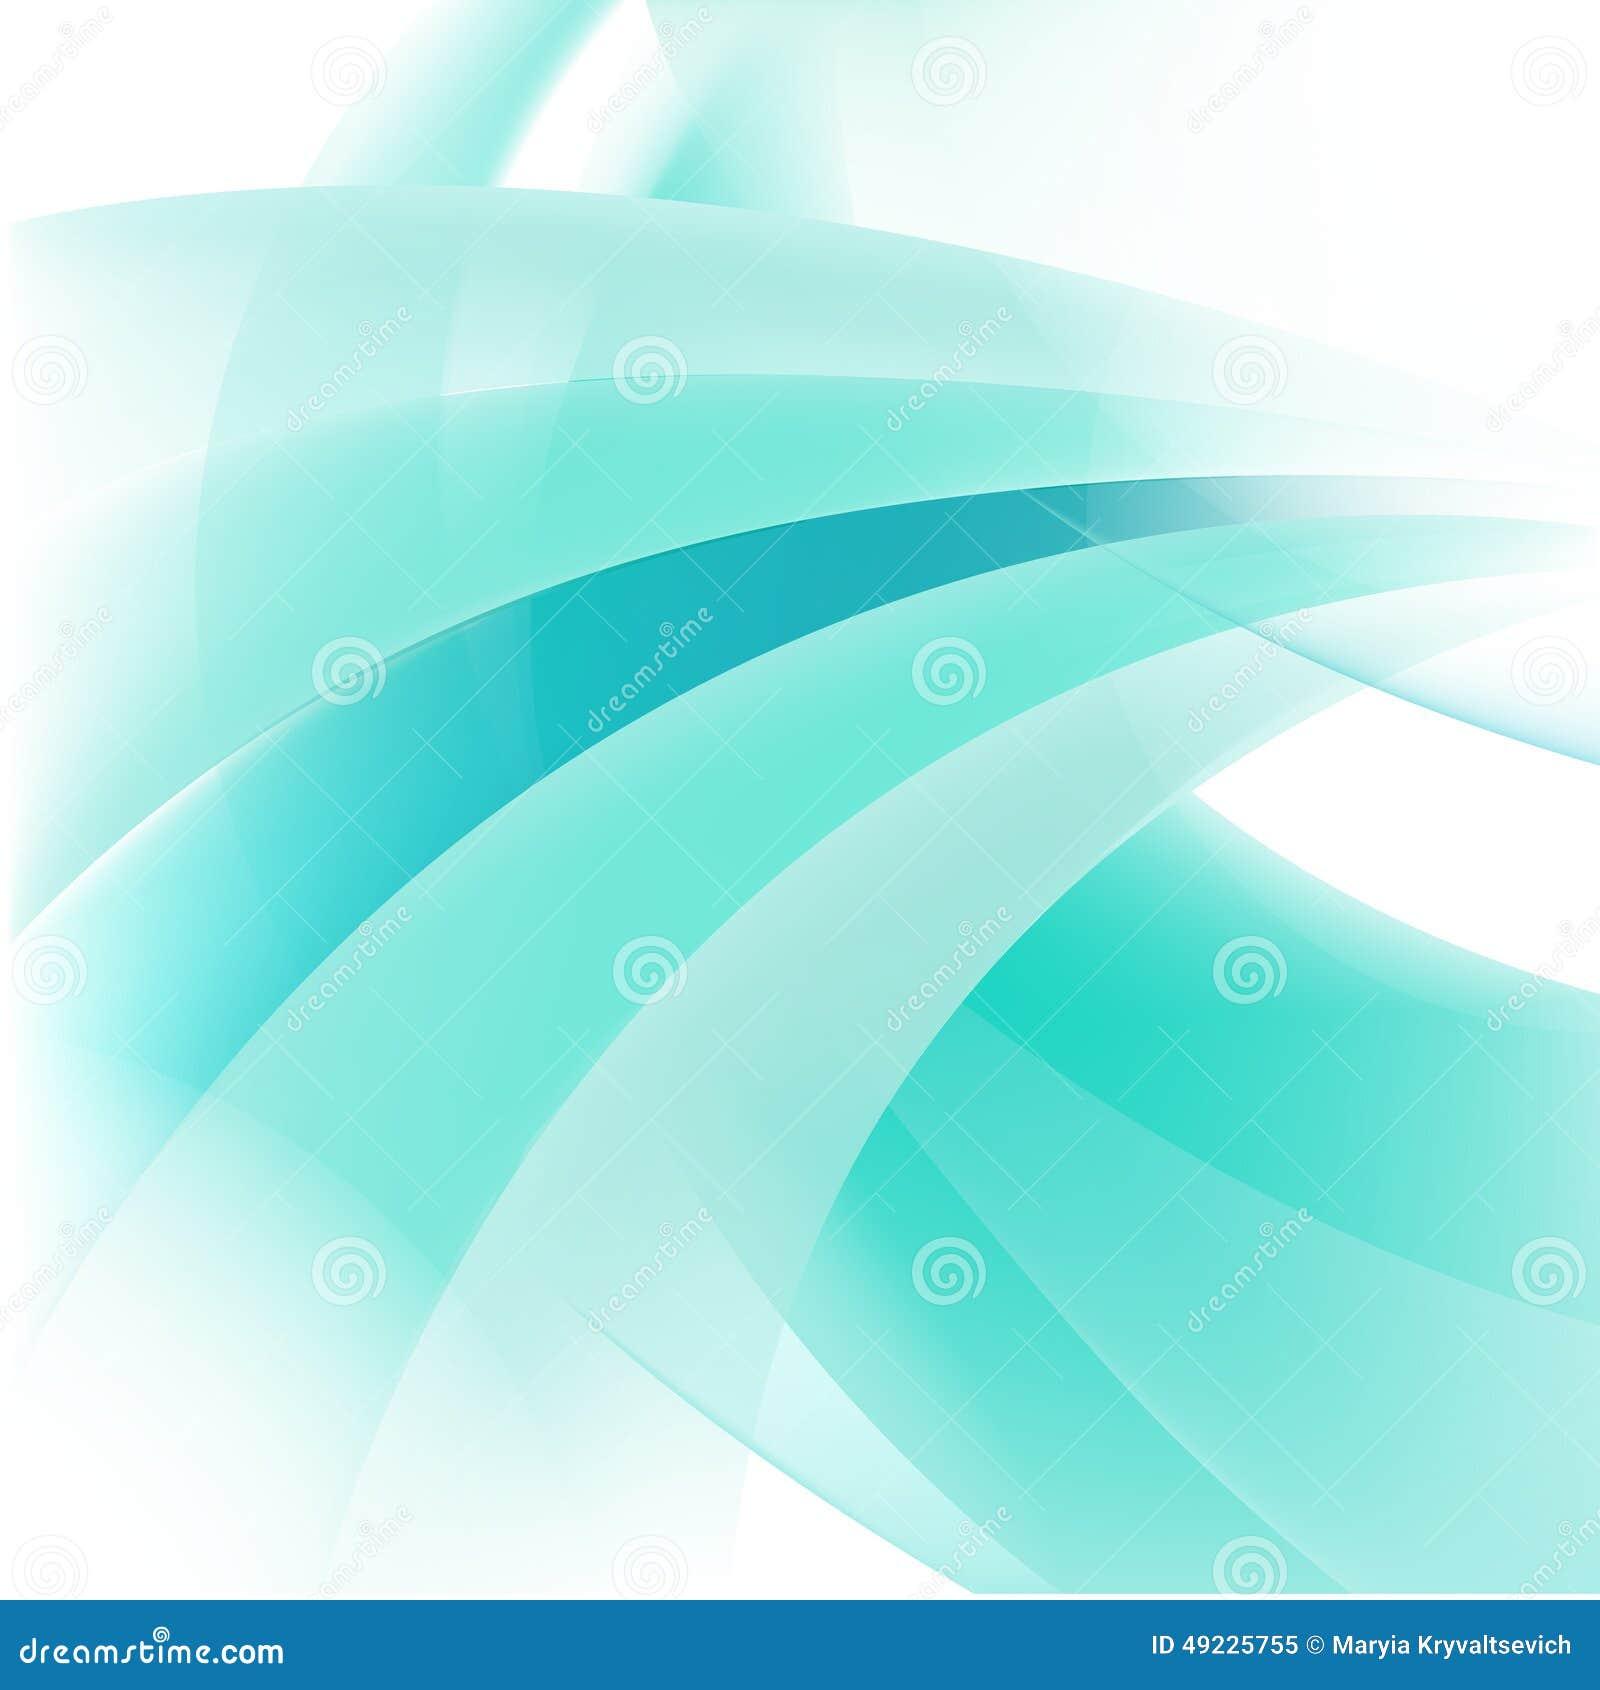 Διανυσματικό αφηρημένο πράσινο υπόβαθρο γραμμών